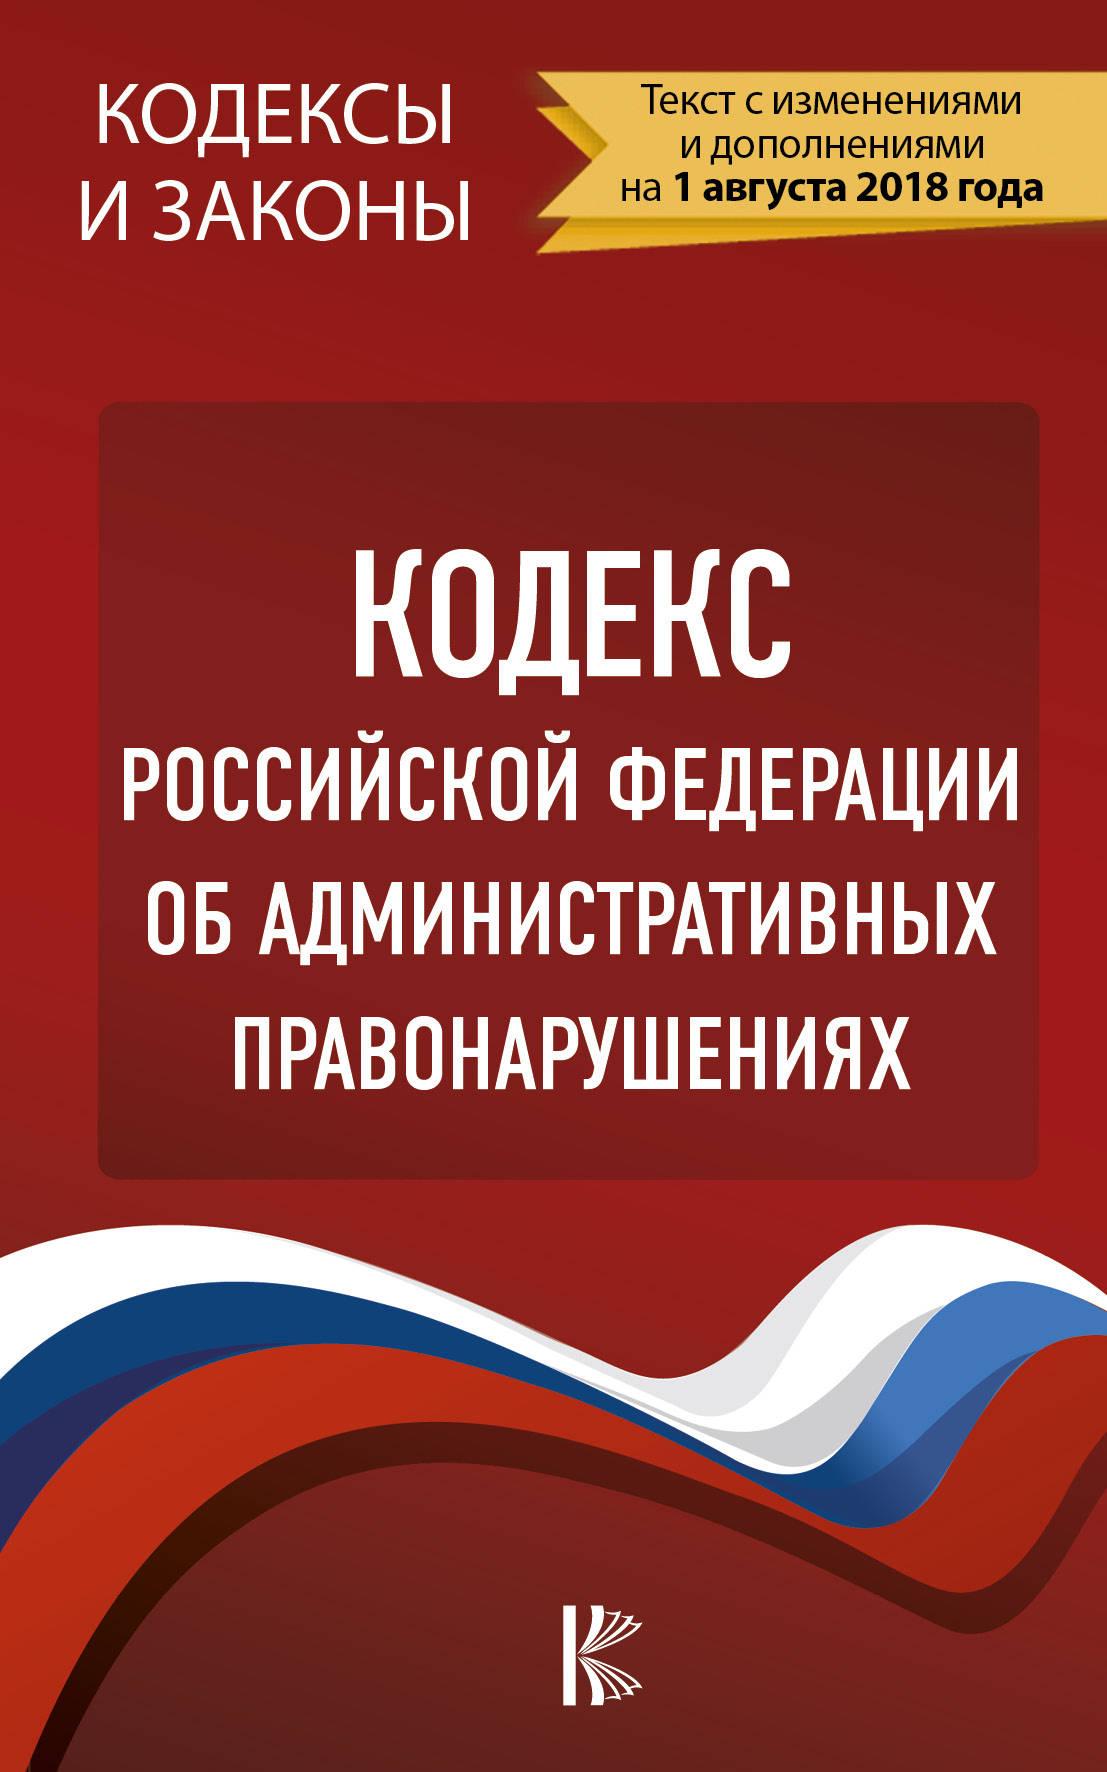 Кодекс Российской Федерации об административных правонарушениях. По состоянию на 1.08.2018 г.